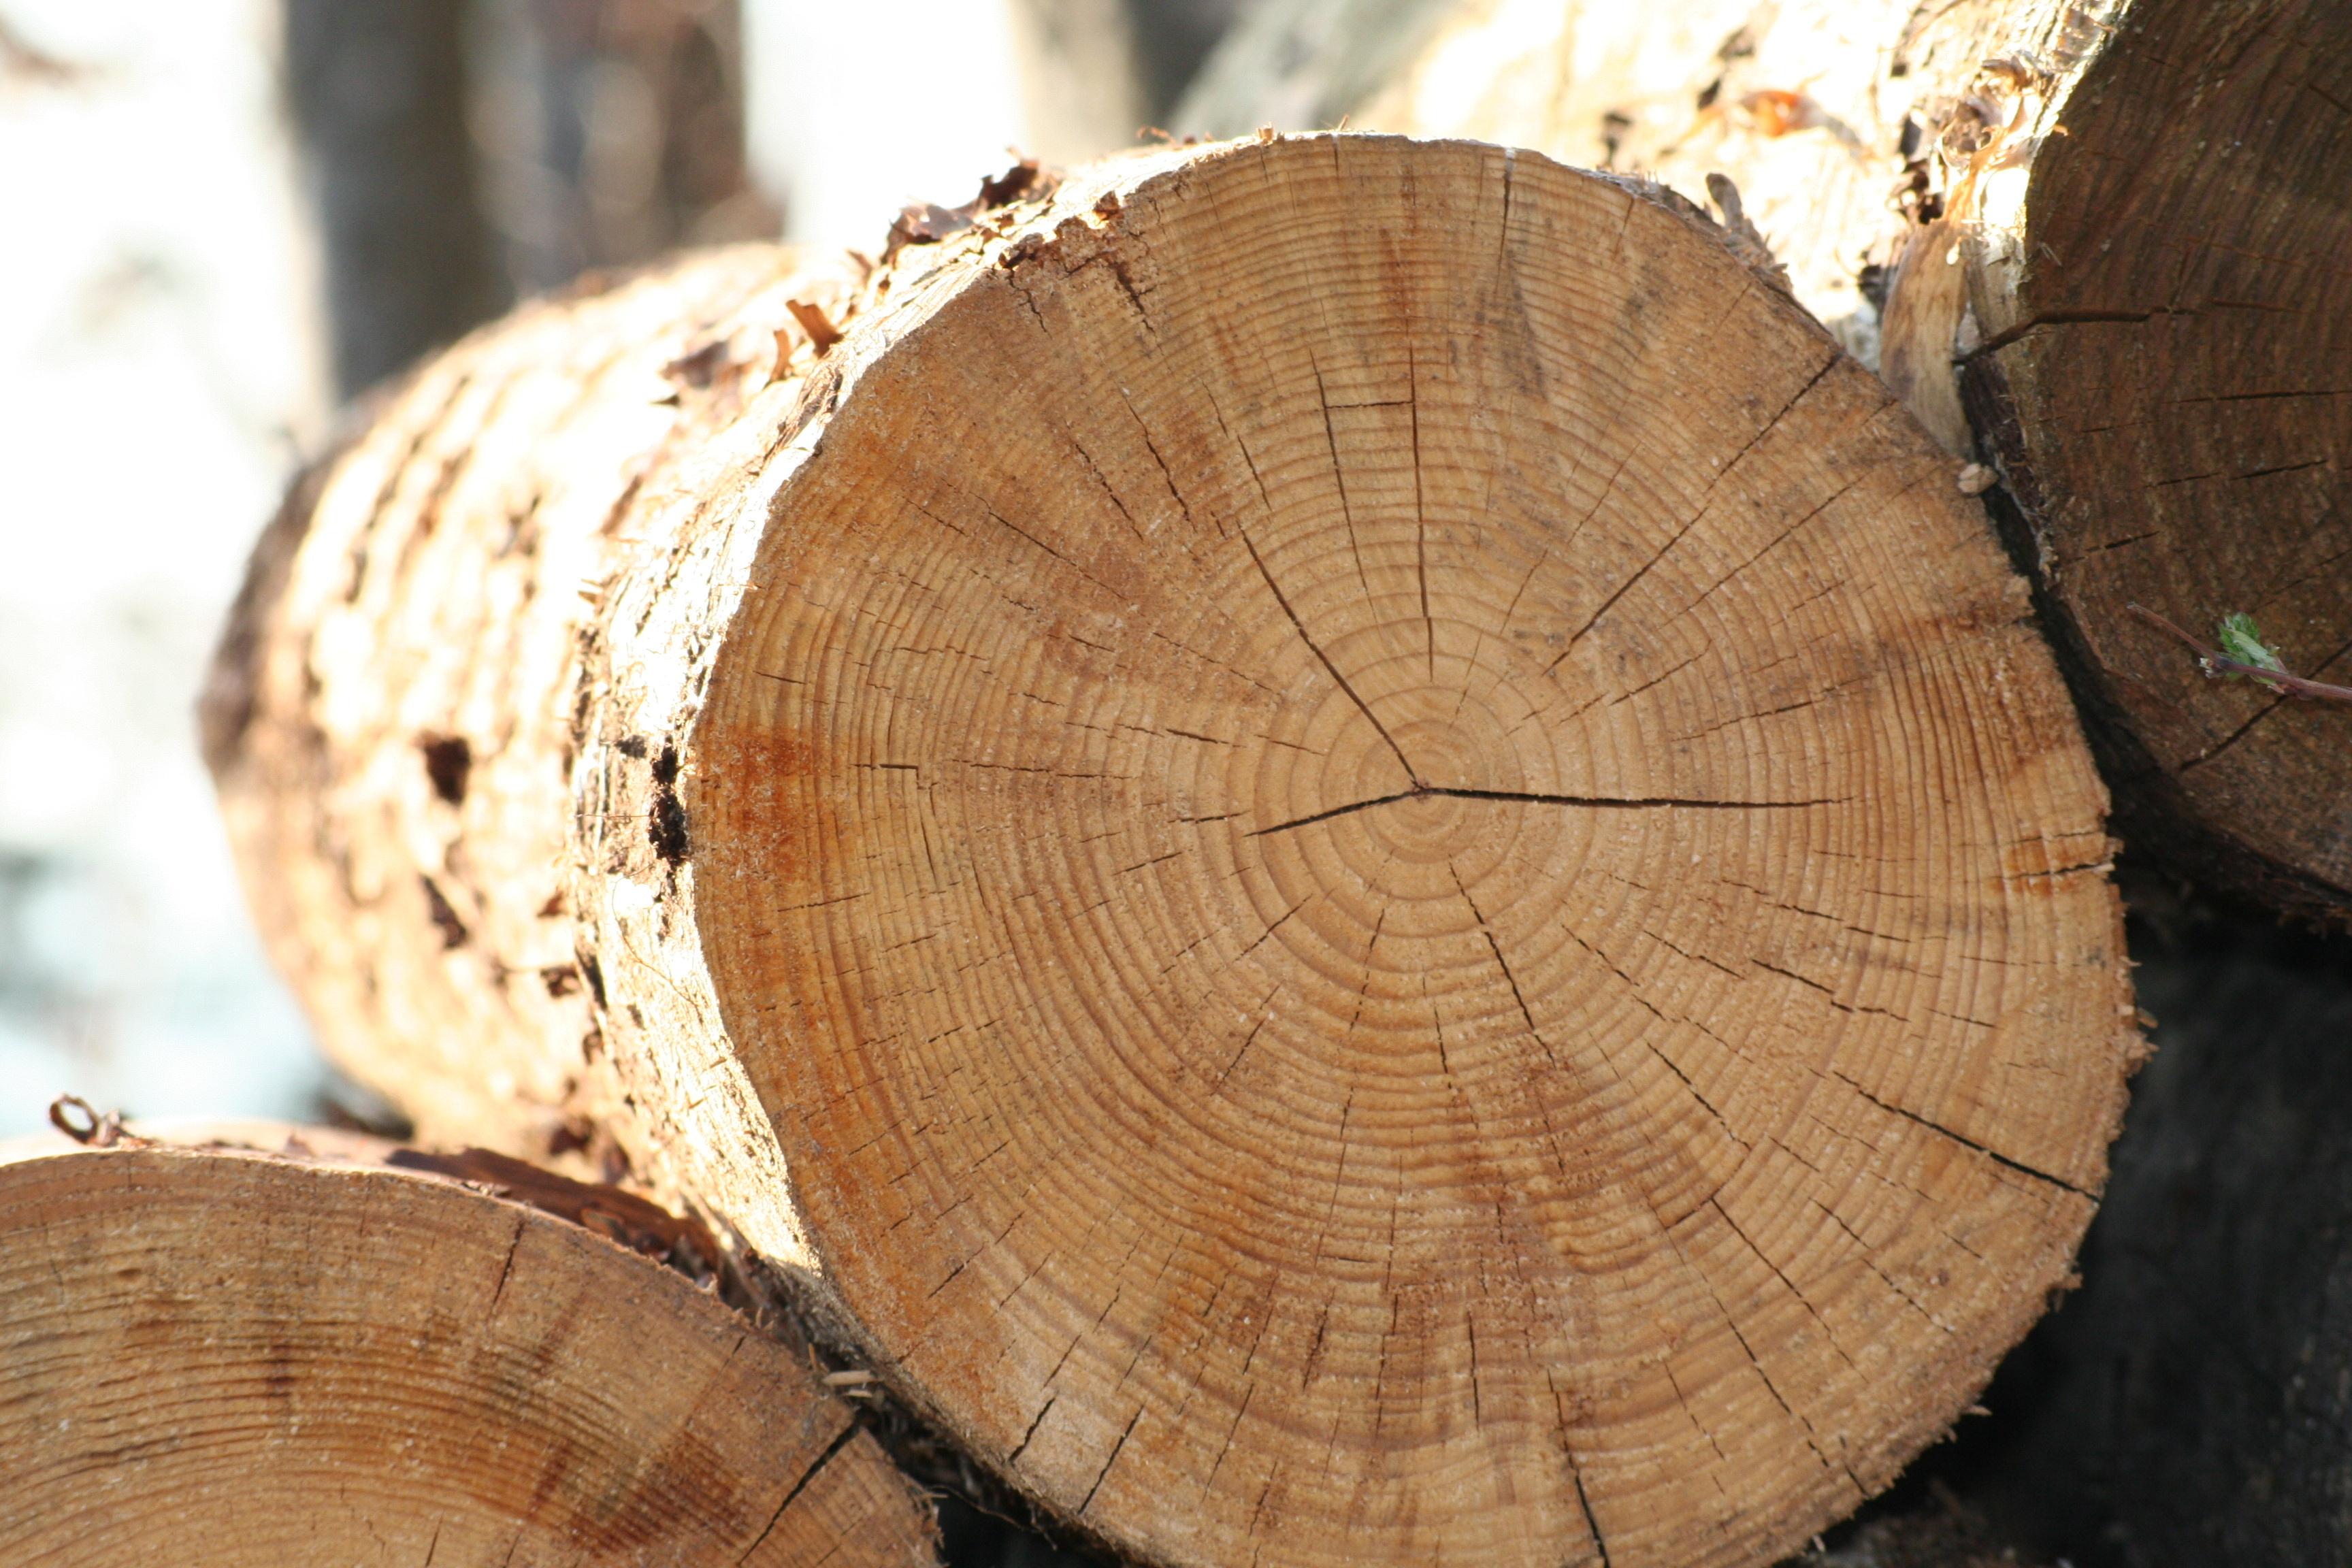 Holzfußboden Optik ~ Hirnholz parkett quer geschnitten u203a parkett bericht.de